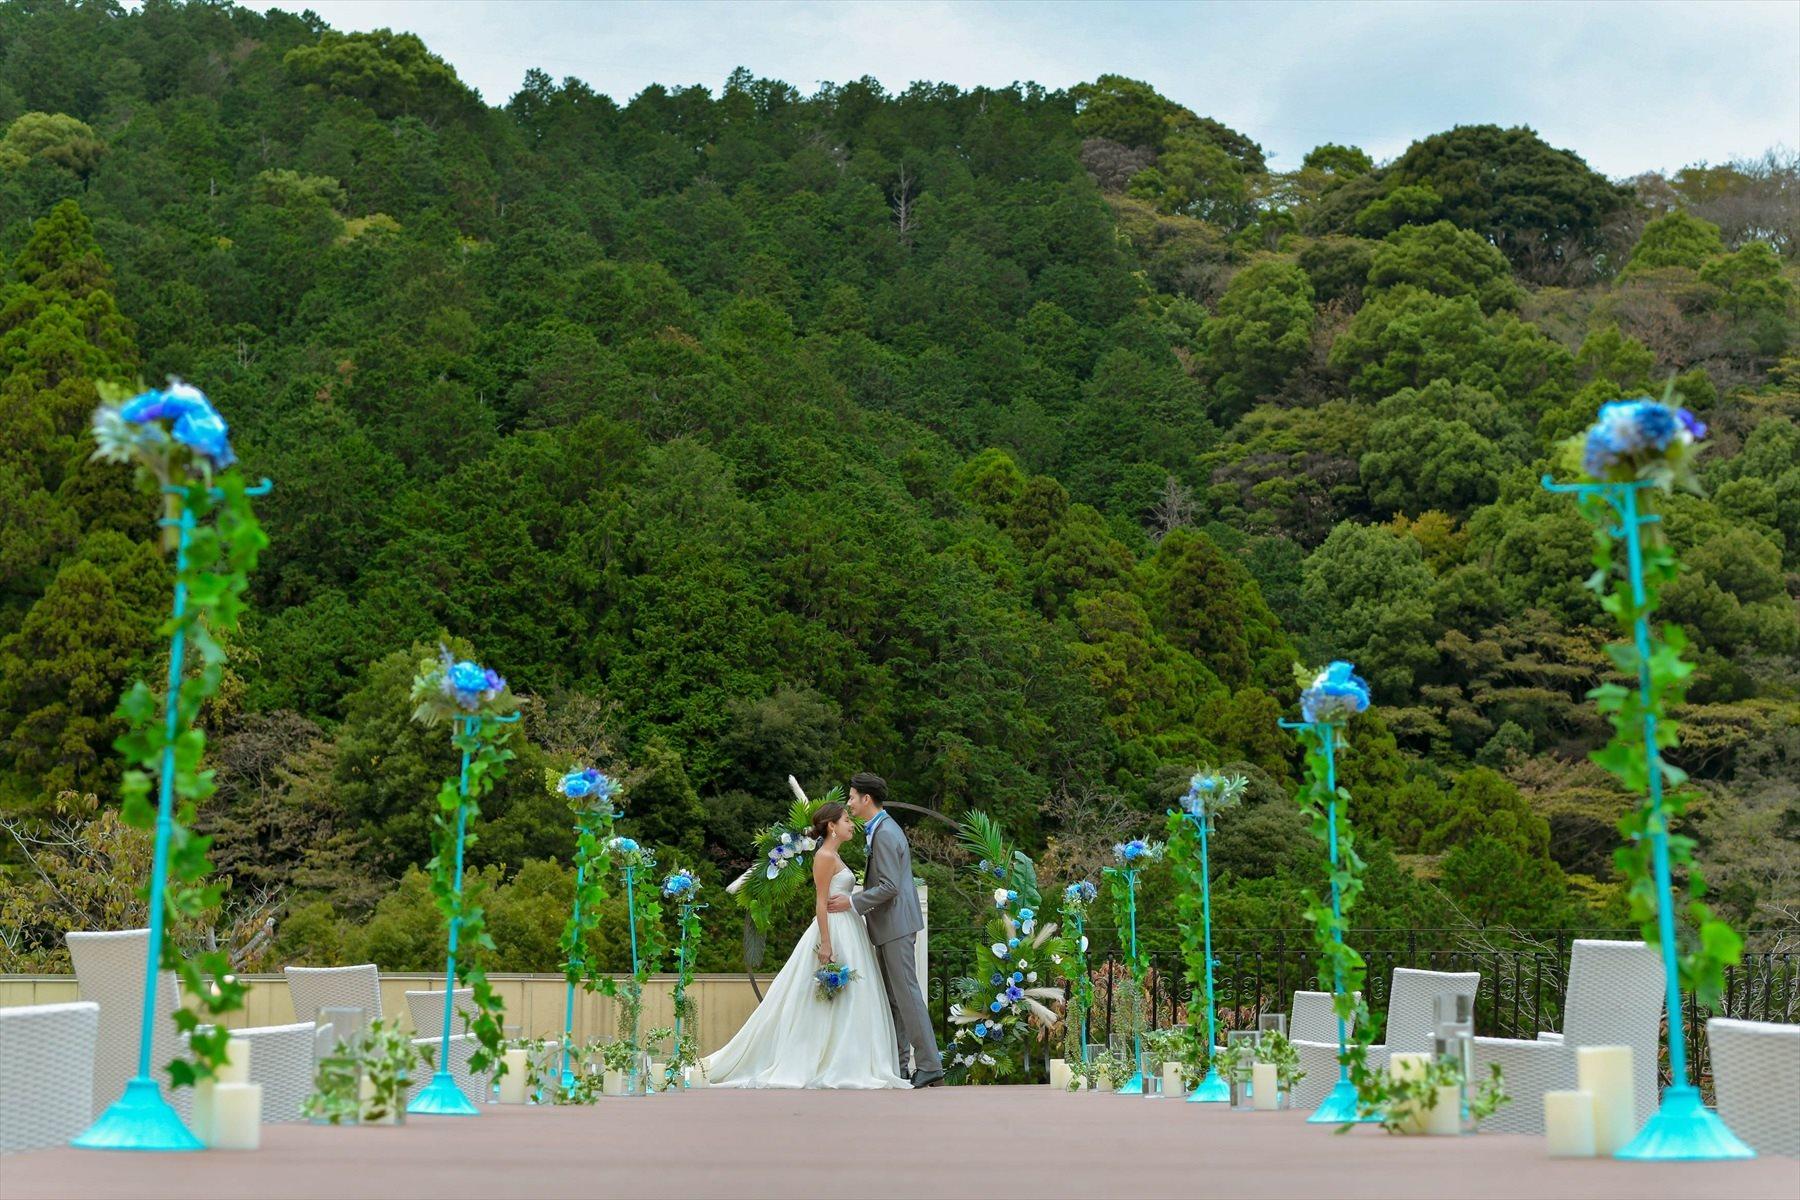 静岡県ウェディングフォト 静岡挙式会場装飾 ウェディングフォト